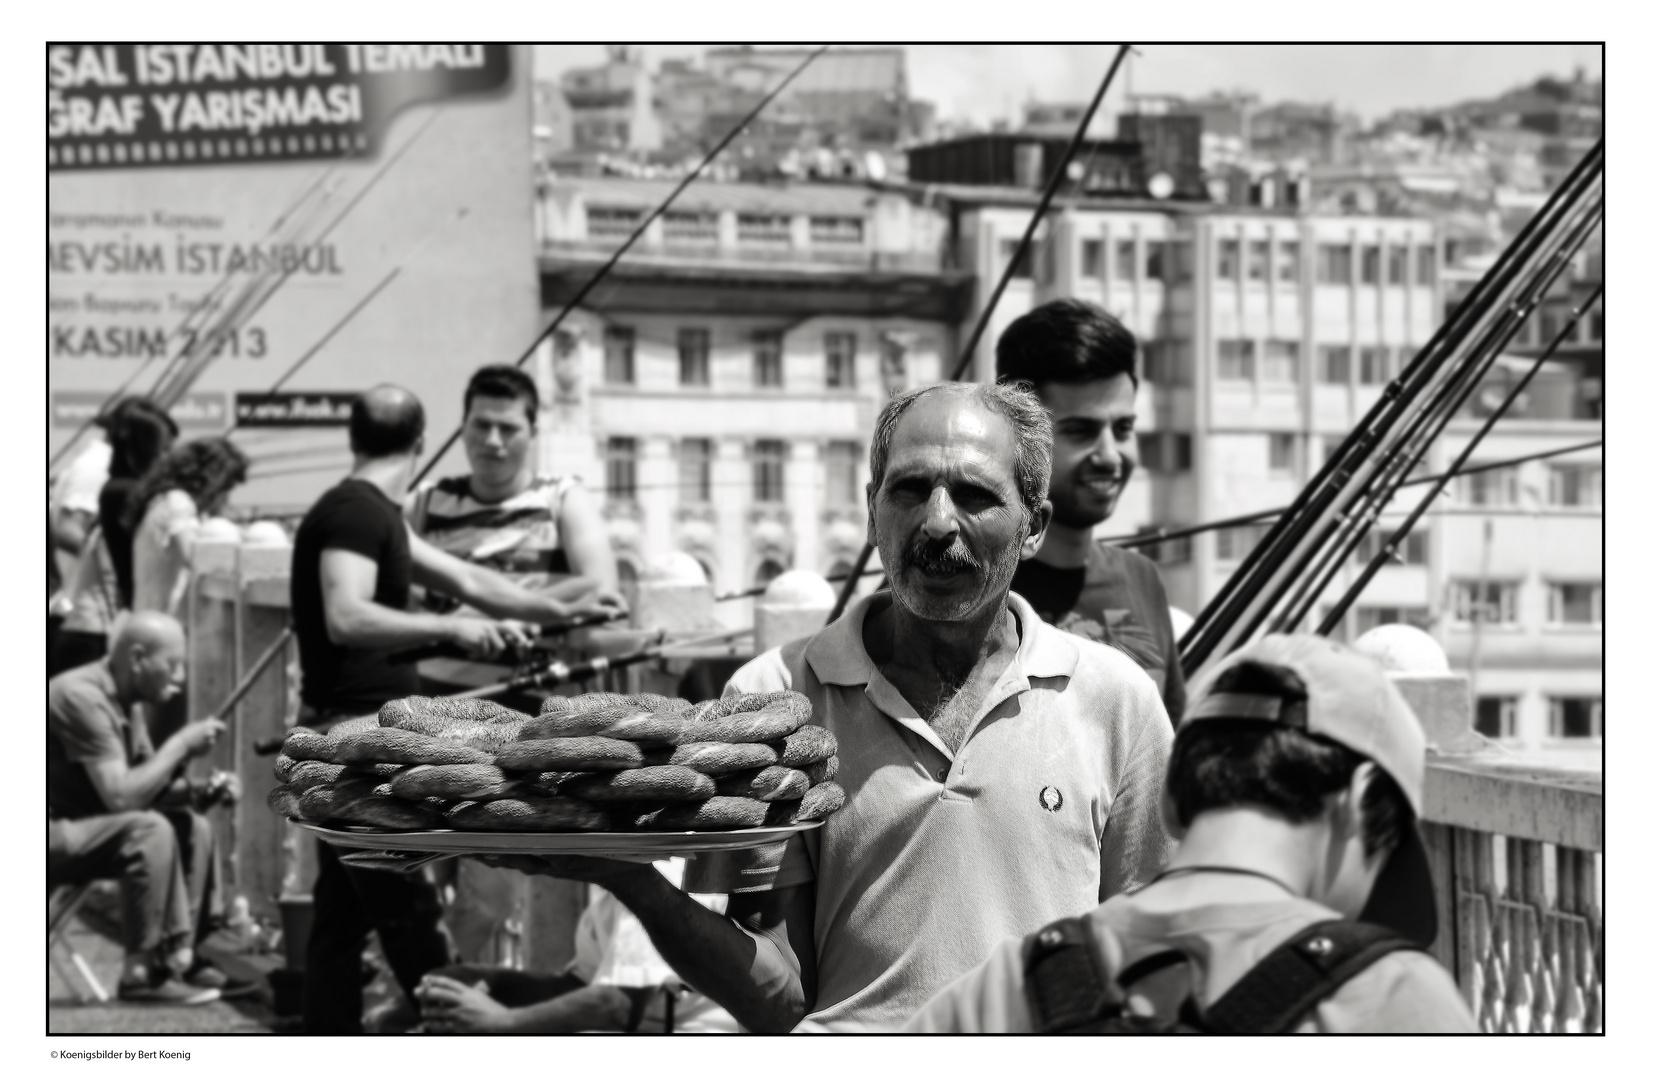 Leben in Istanbul (12)